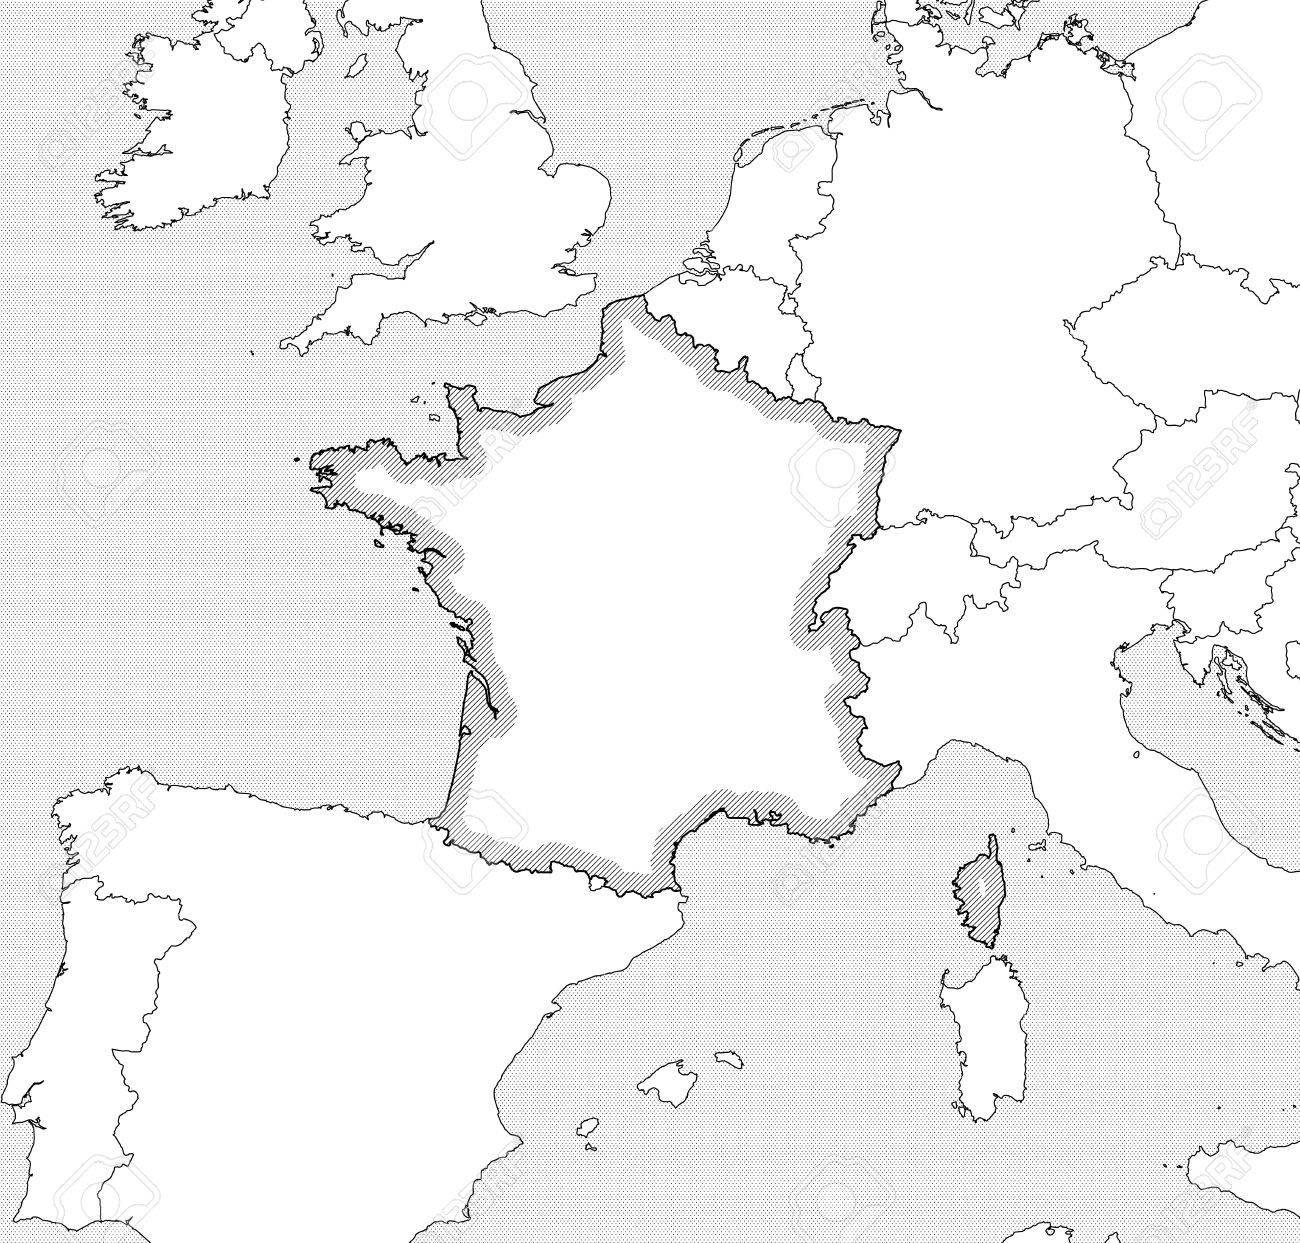 Cartina Della Francia In Bianco E Nero.Mappa Della Francia E Paesi Vicini In Bianco E Nero La Francia E Evidenziato Da Un Tratteggio